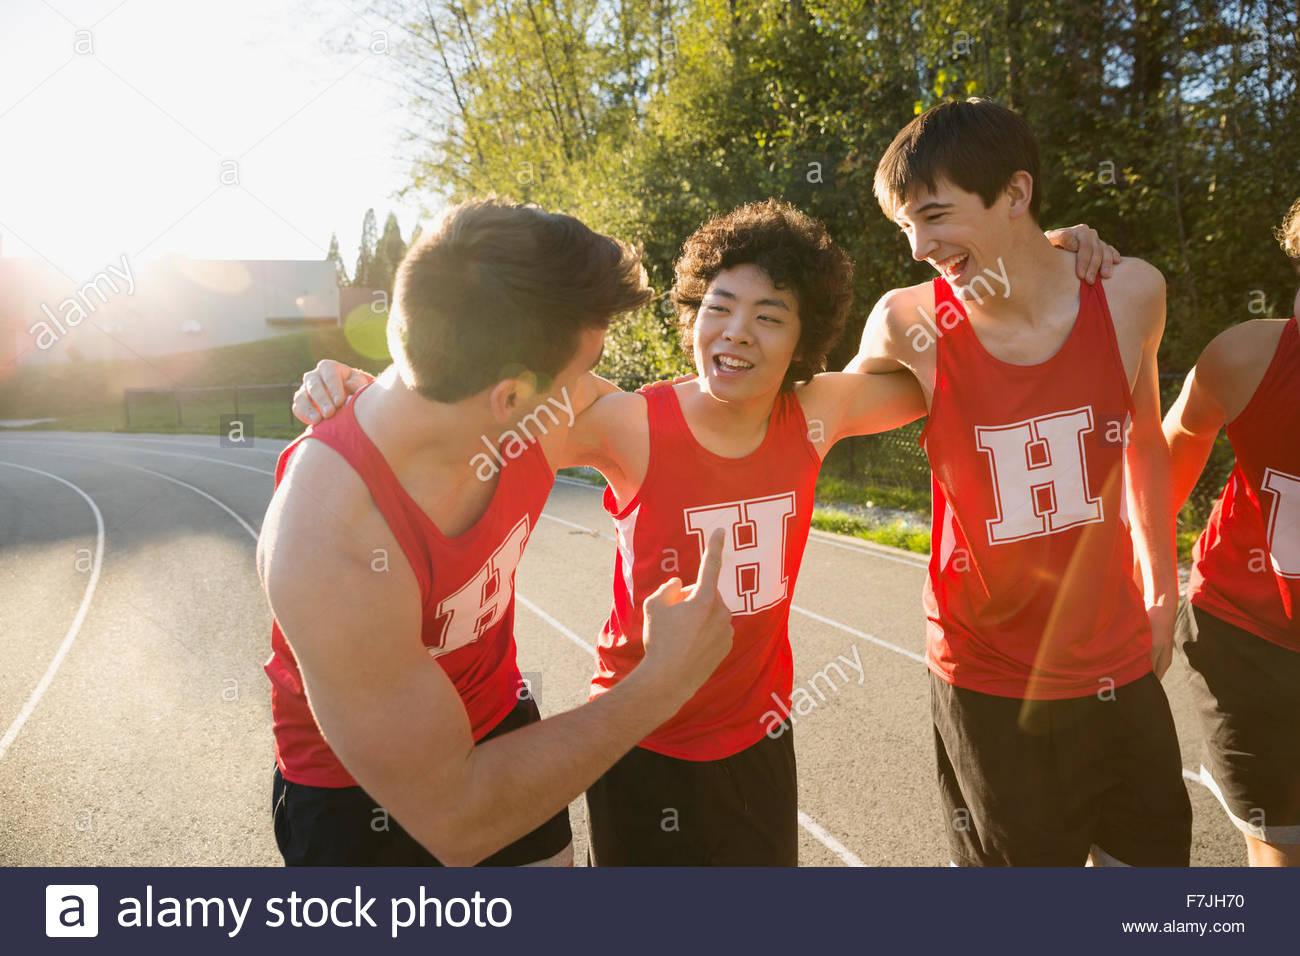 High school atletas de pista y campo pegado Imagen De Stock